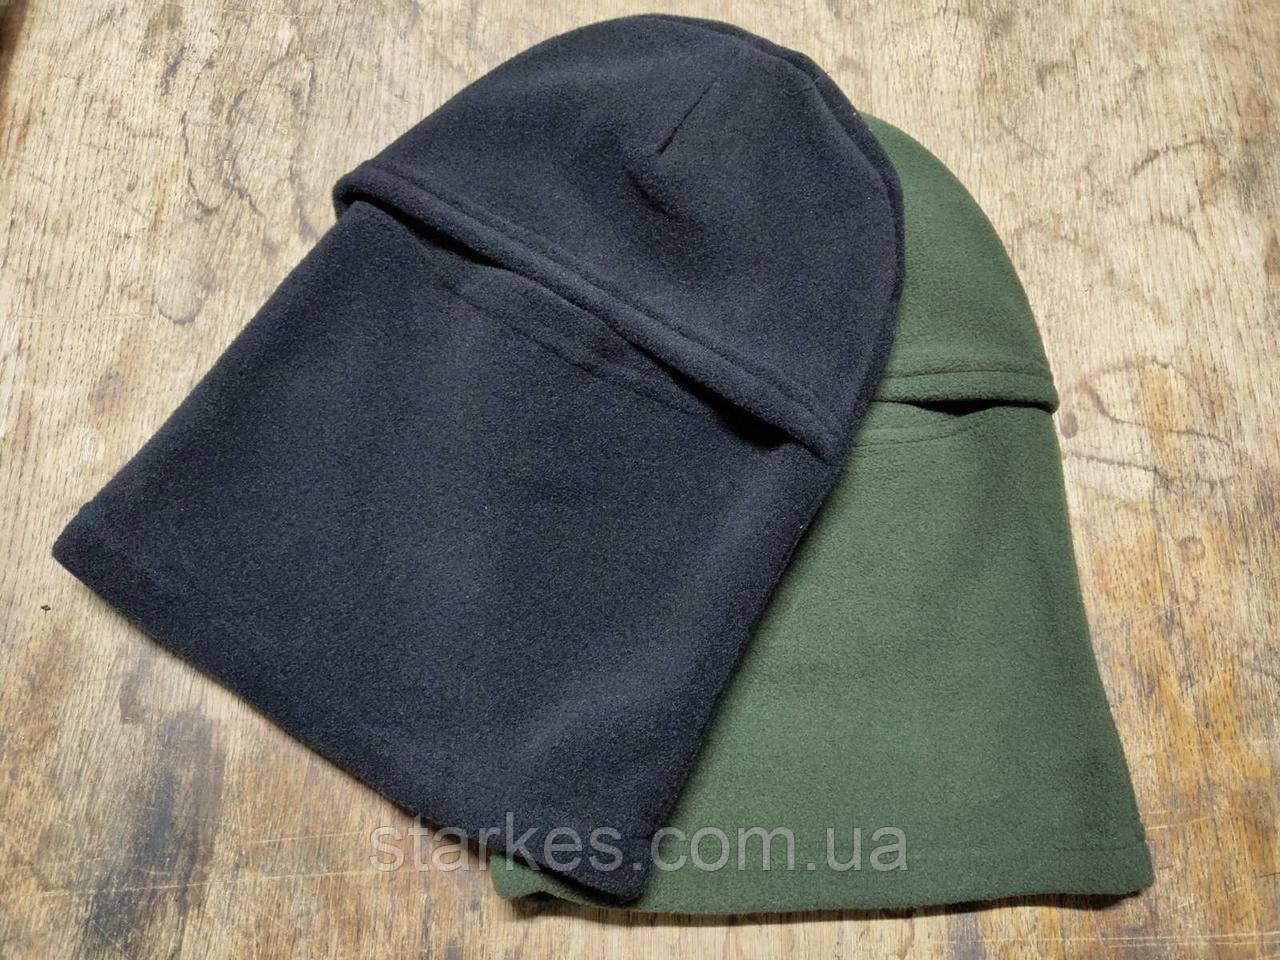 Балаклавы флисовые форменные на осень - зиму, теплые, код: 409.